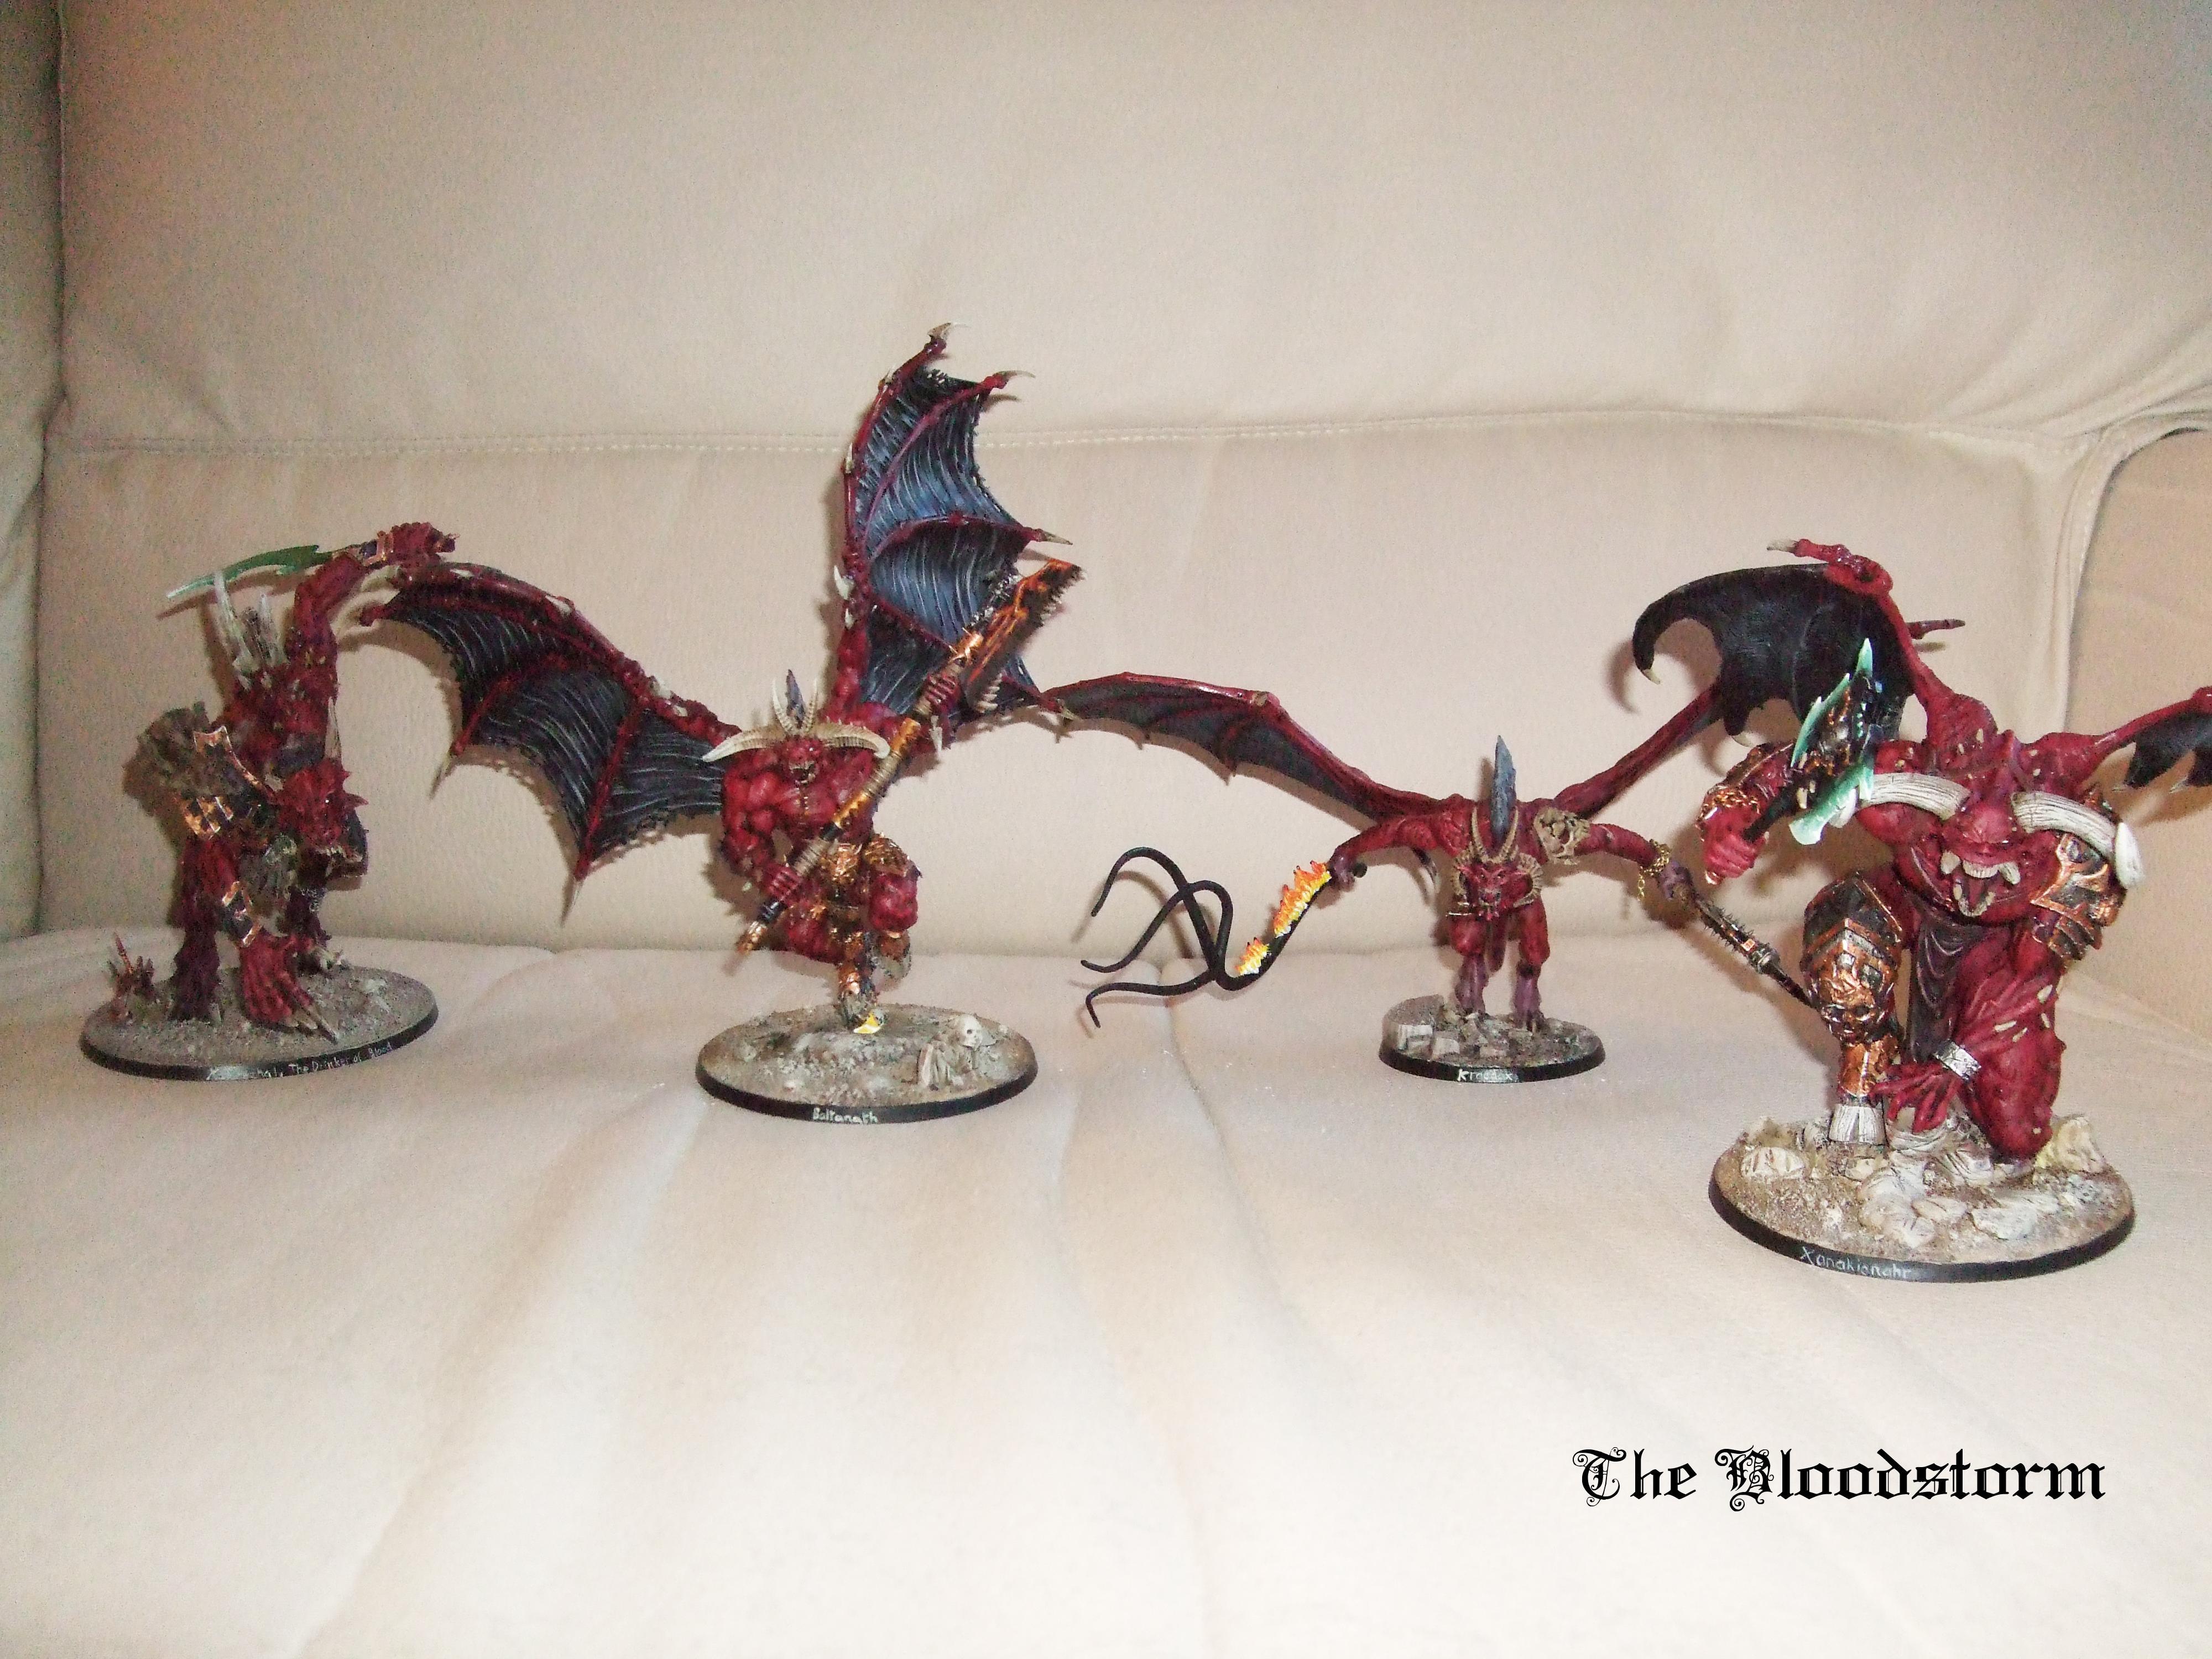 Axe, Bloodthirster, Chaos, Conversion, Daemons, Drybrush, Greater Daemon, Khorne Daemonkin, Sand Base, Warhammer 40,000